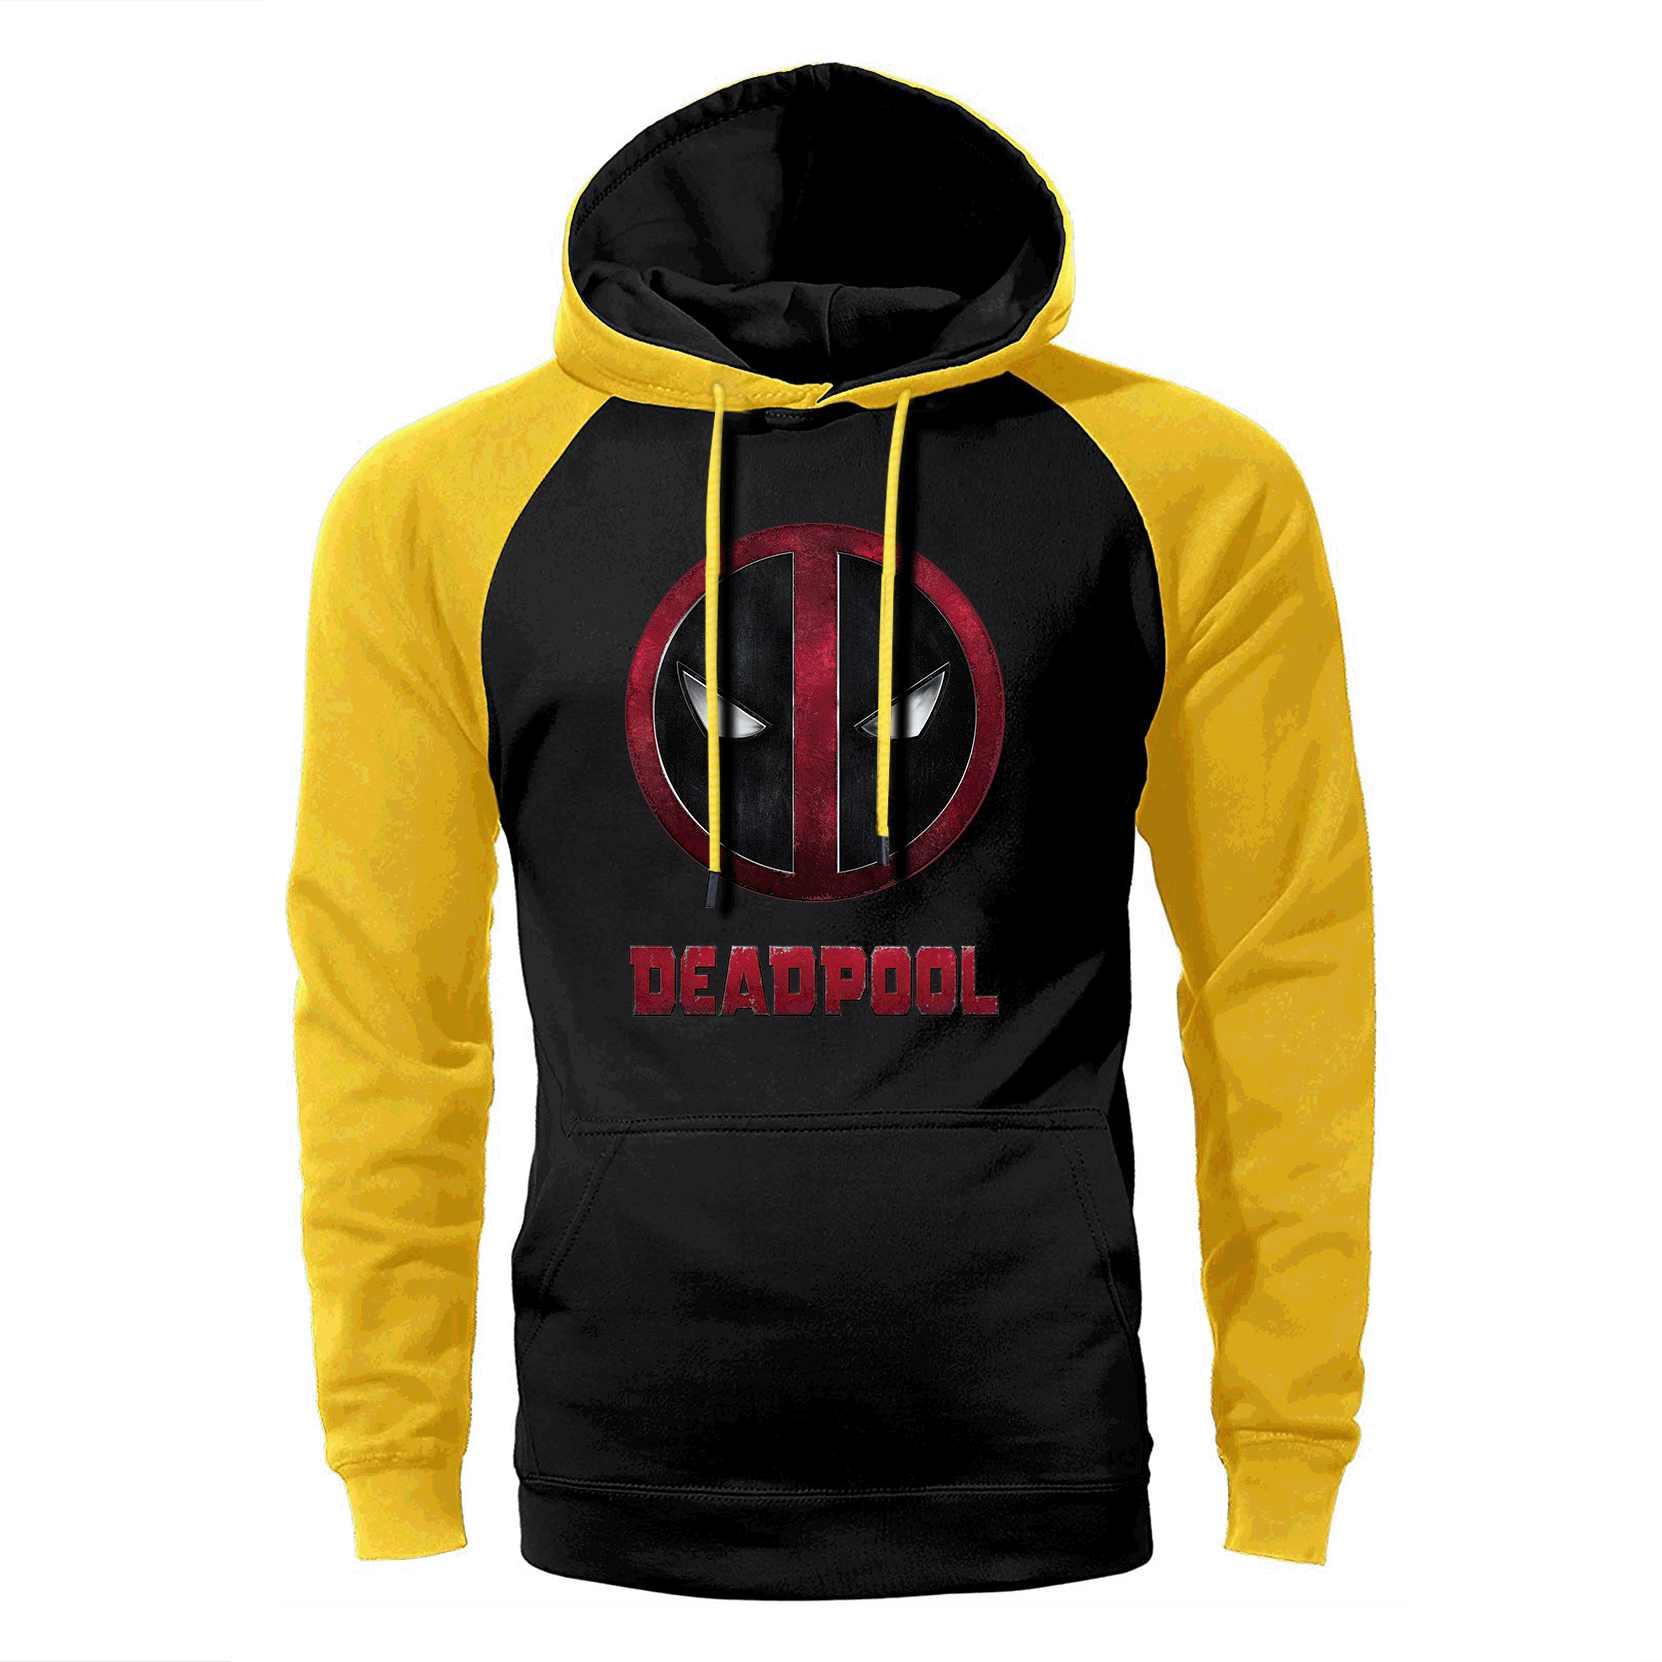 Deadpool Raglan Hoodie Männer Super Hero Hoodies Lustige Hipster Mit Kapuze Sweatshirt 2019 Frühling Herbst Dead Pool Hip Hop Streetwear